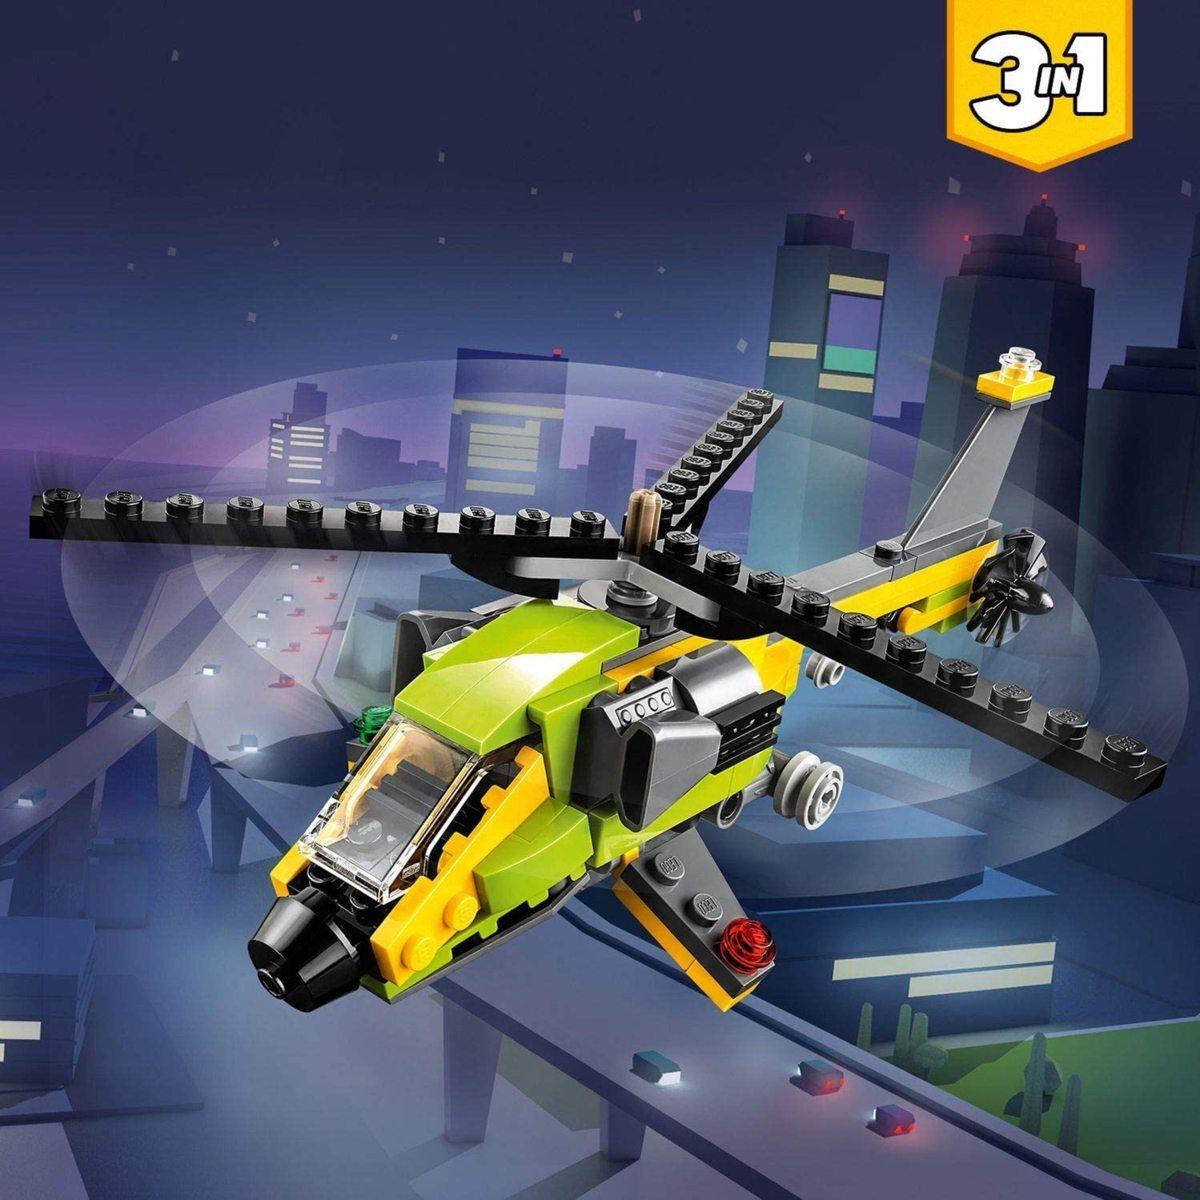 レゴ(LEGO) クリエイター ヘリコプター・アドベンチャー 31092 知育玩具 ブロック おもちゃ 女の子 男の子_画像2